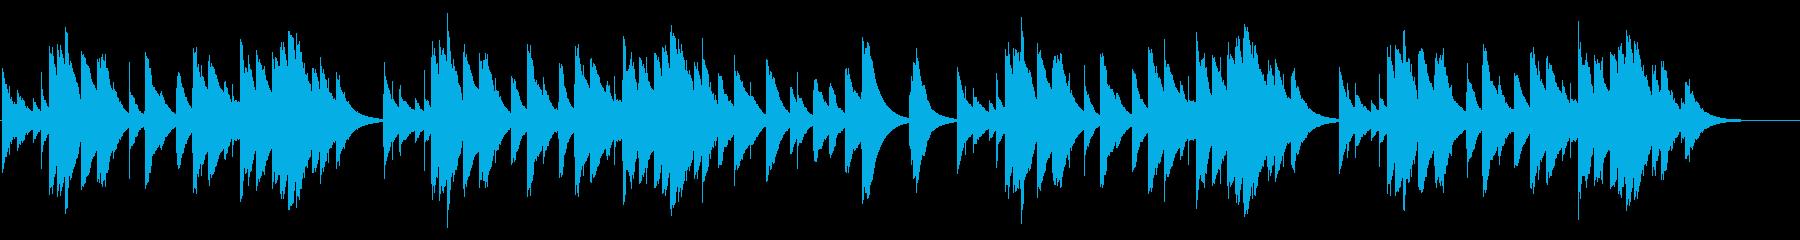 赤とんぼ カード式オルゴールの再生済みの波形